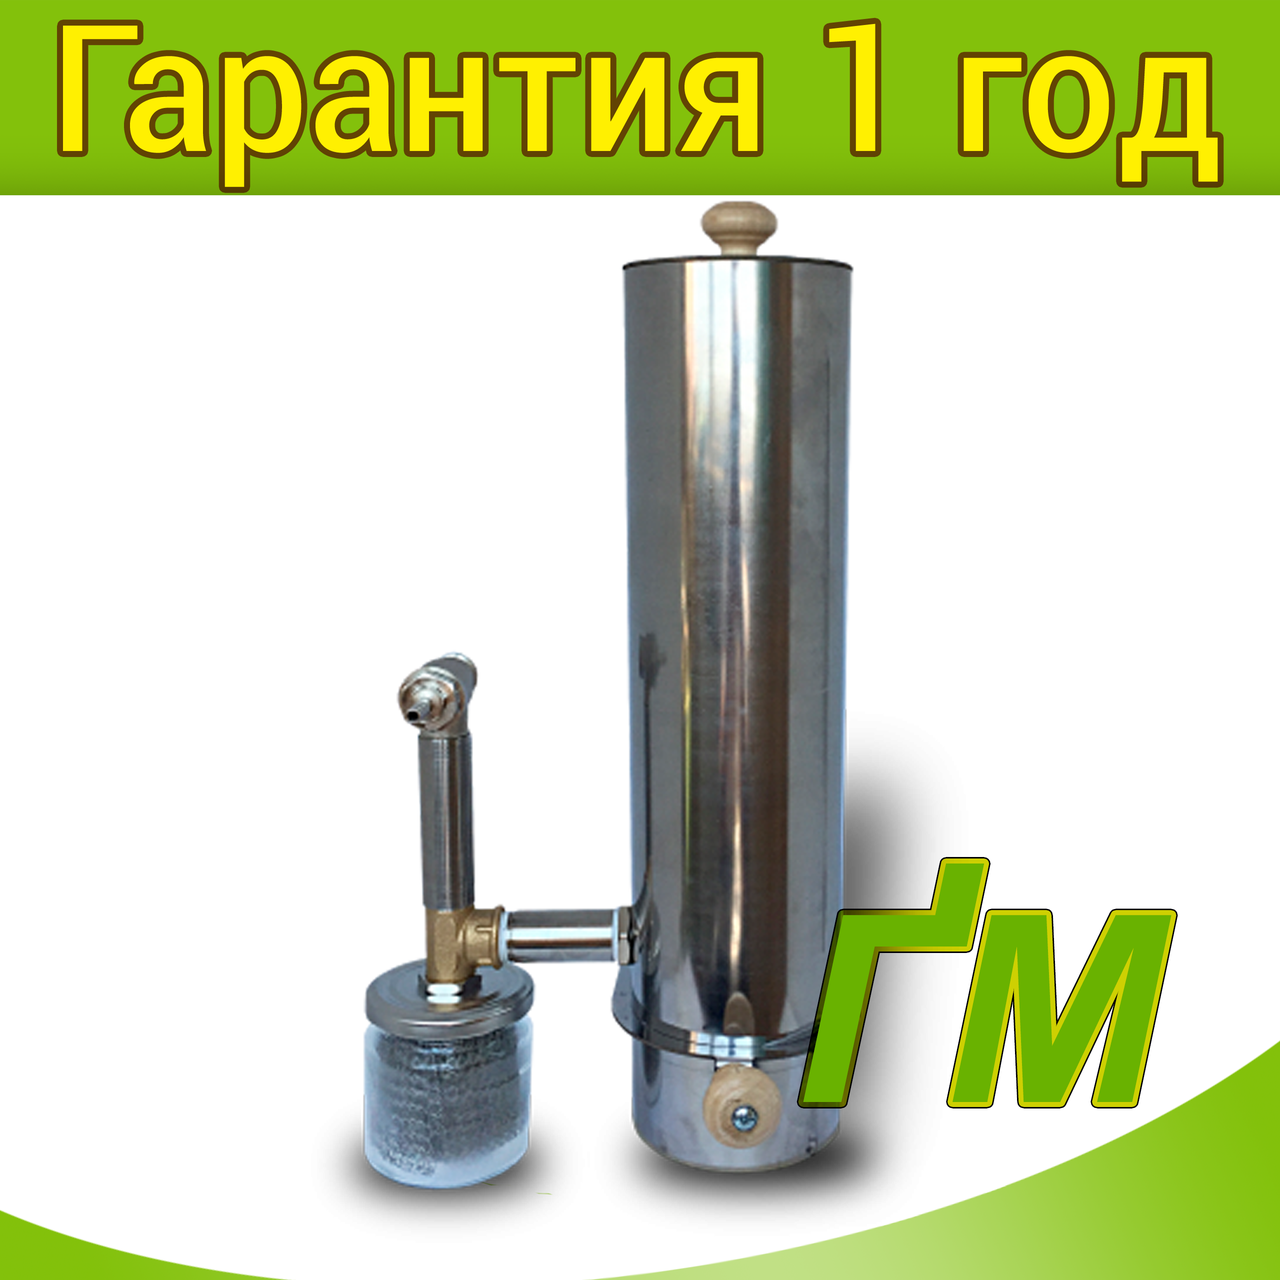 Дымогенератор 5,2 л Древос Бизнес 2.0 с компрессором (нержавейка)